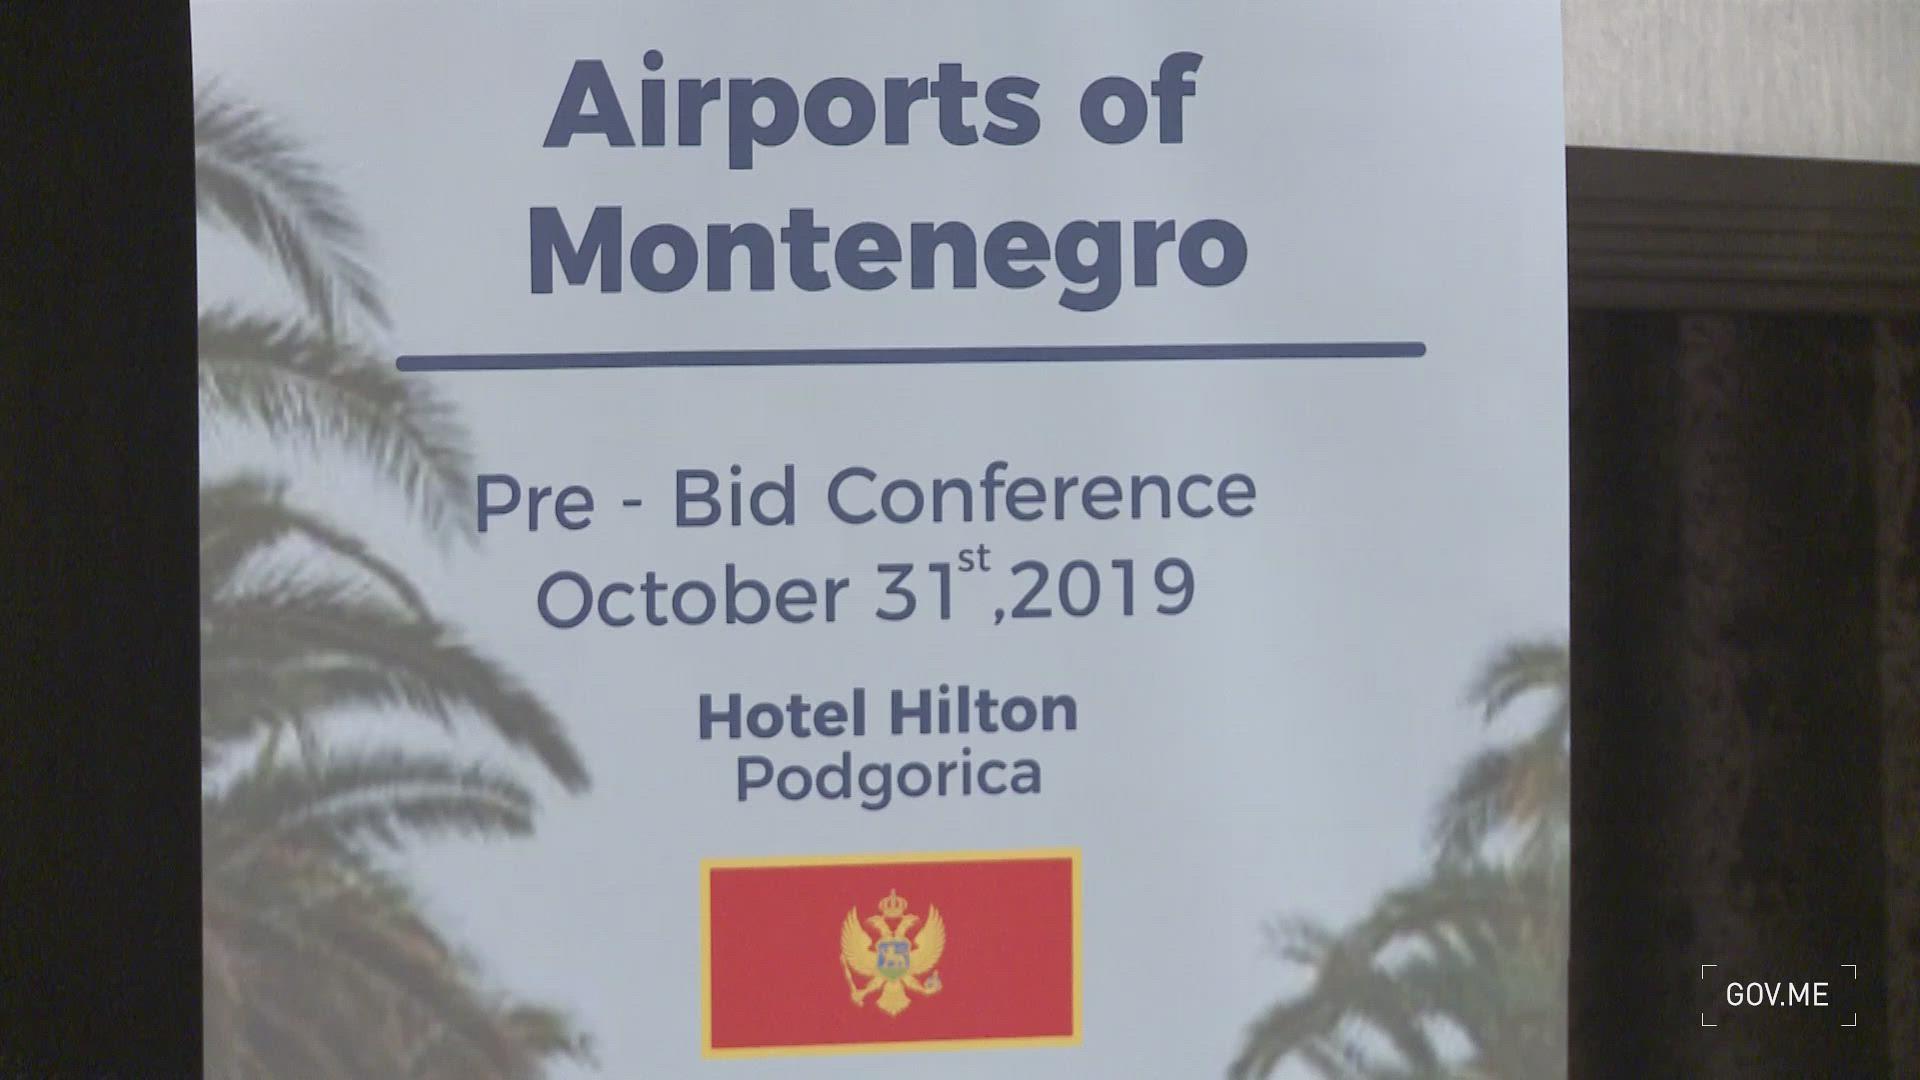 Milutin Simović - Predtenderska konferencija za dodjelu koncesije za aerodrome Crne Gore - kadrovi